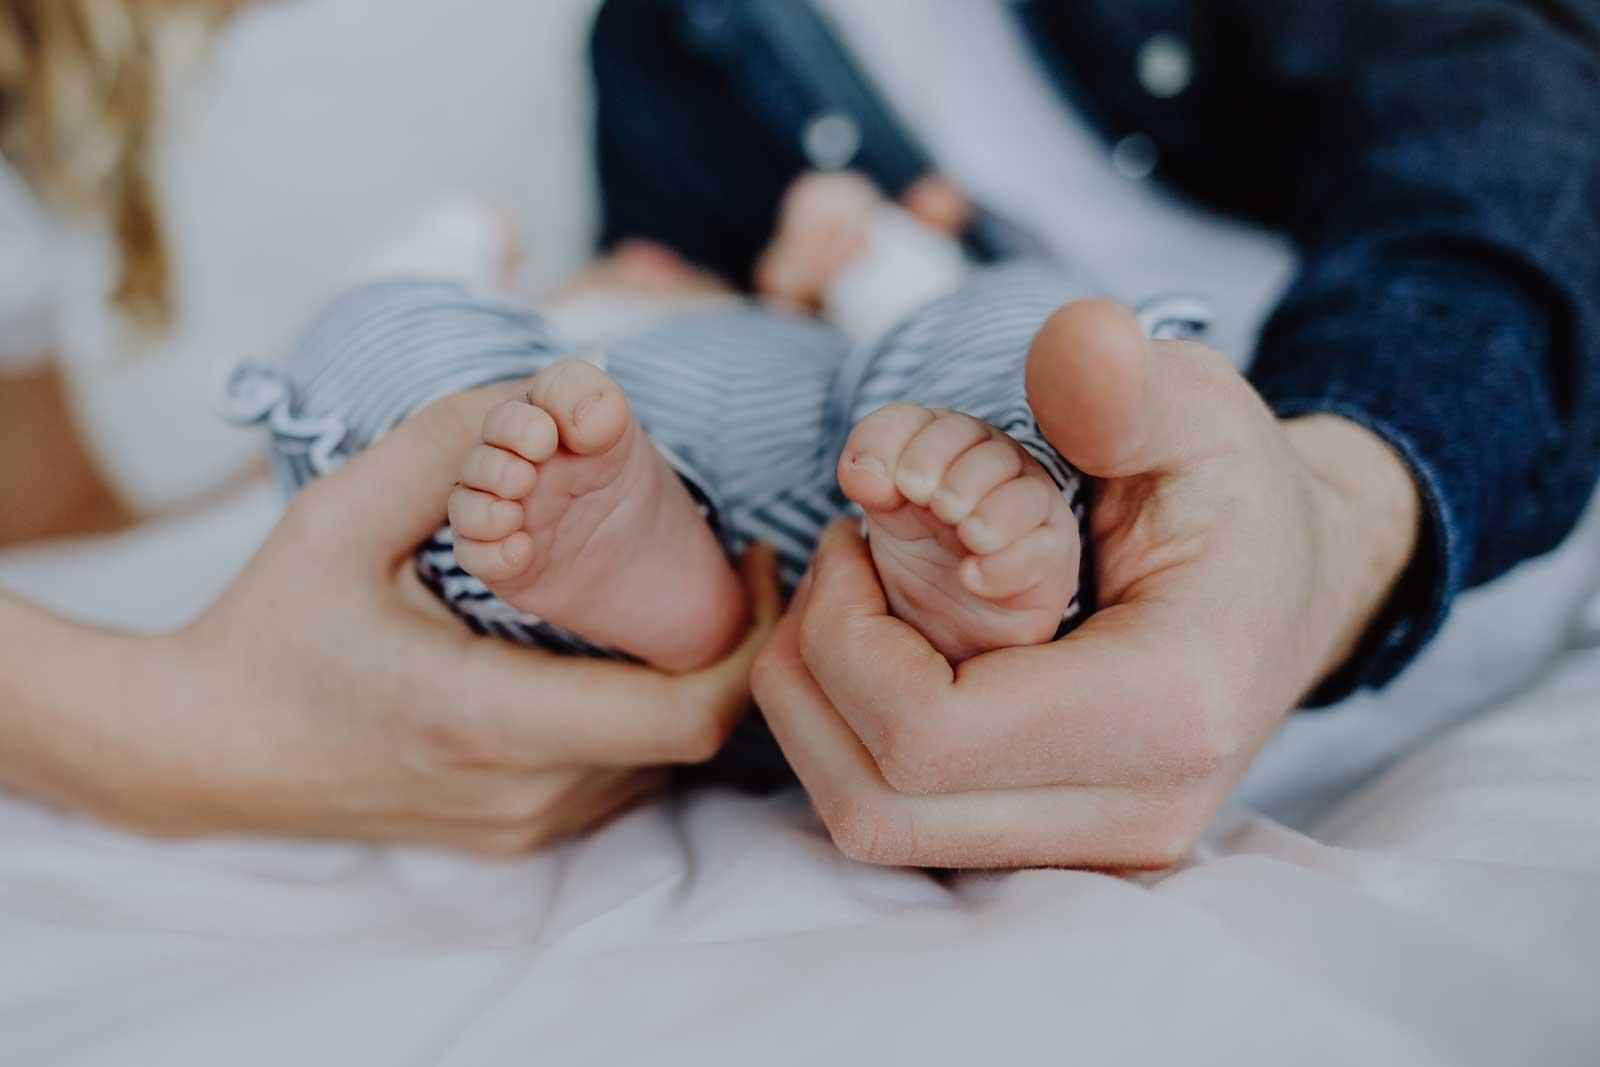 Babyfüße gehalten von Händen